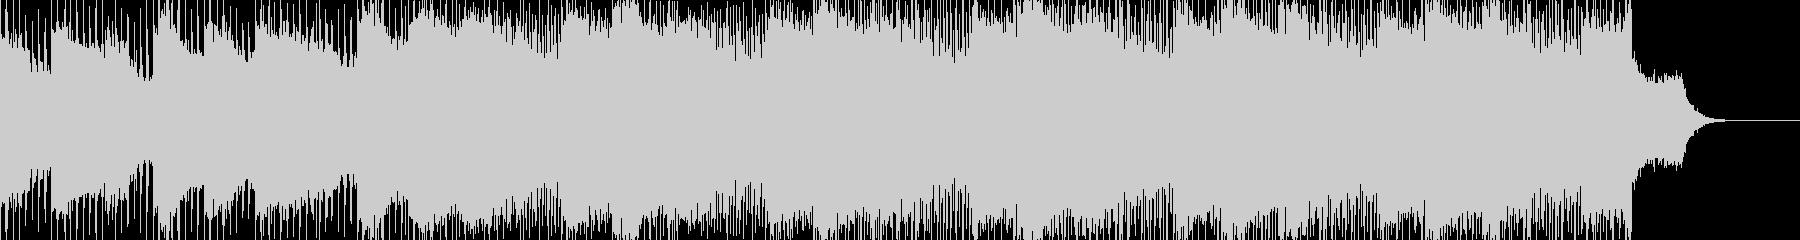 怪しく不思議な雰囲気のアンビエントBGMの未再生の波形